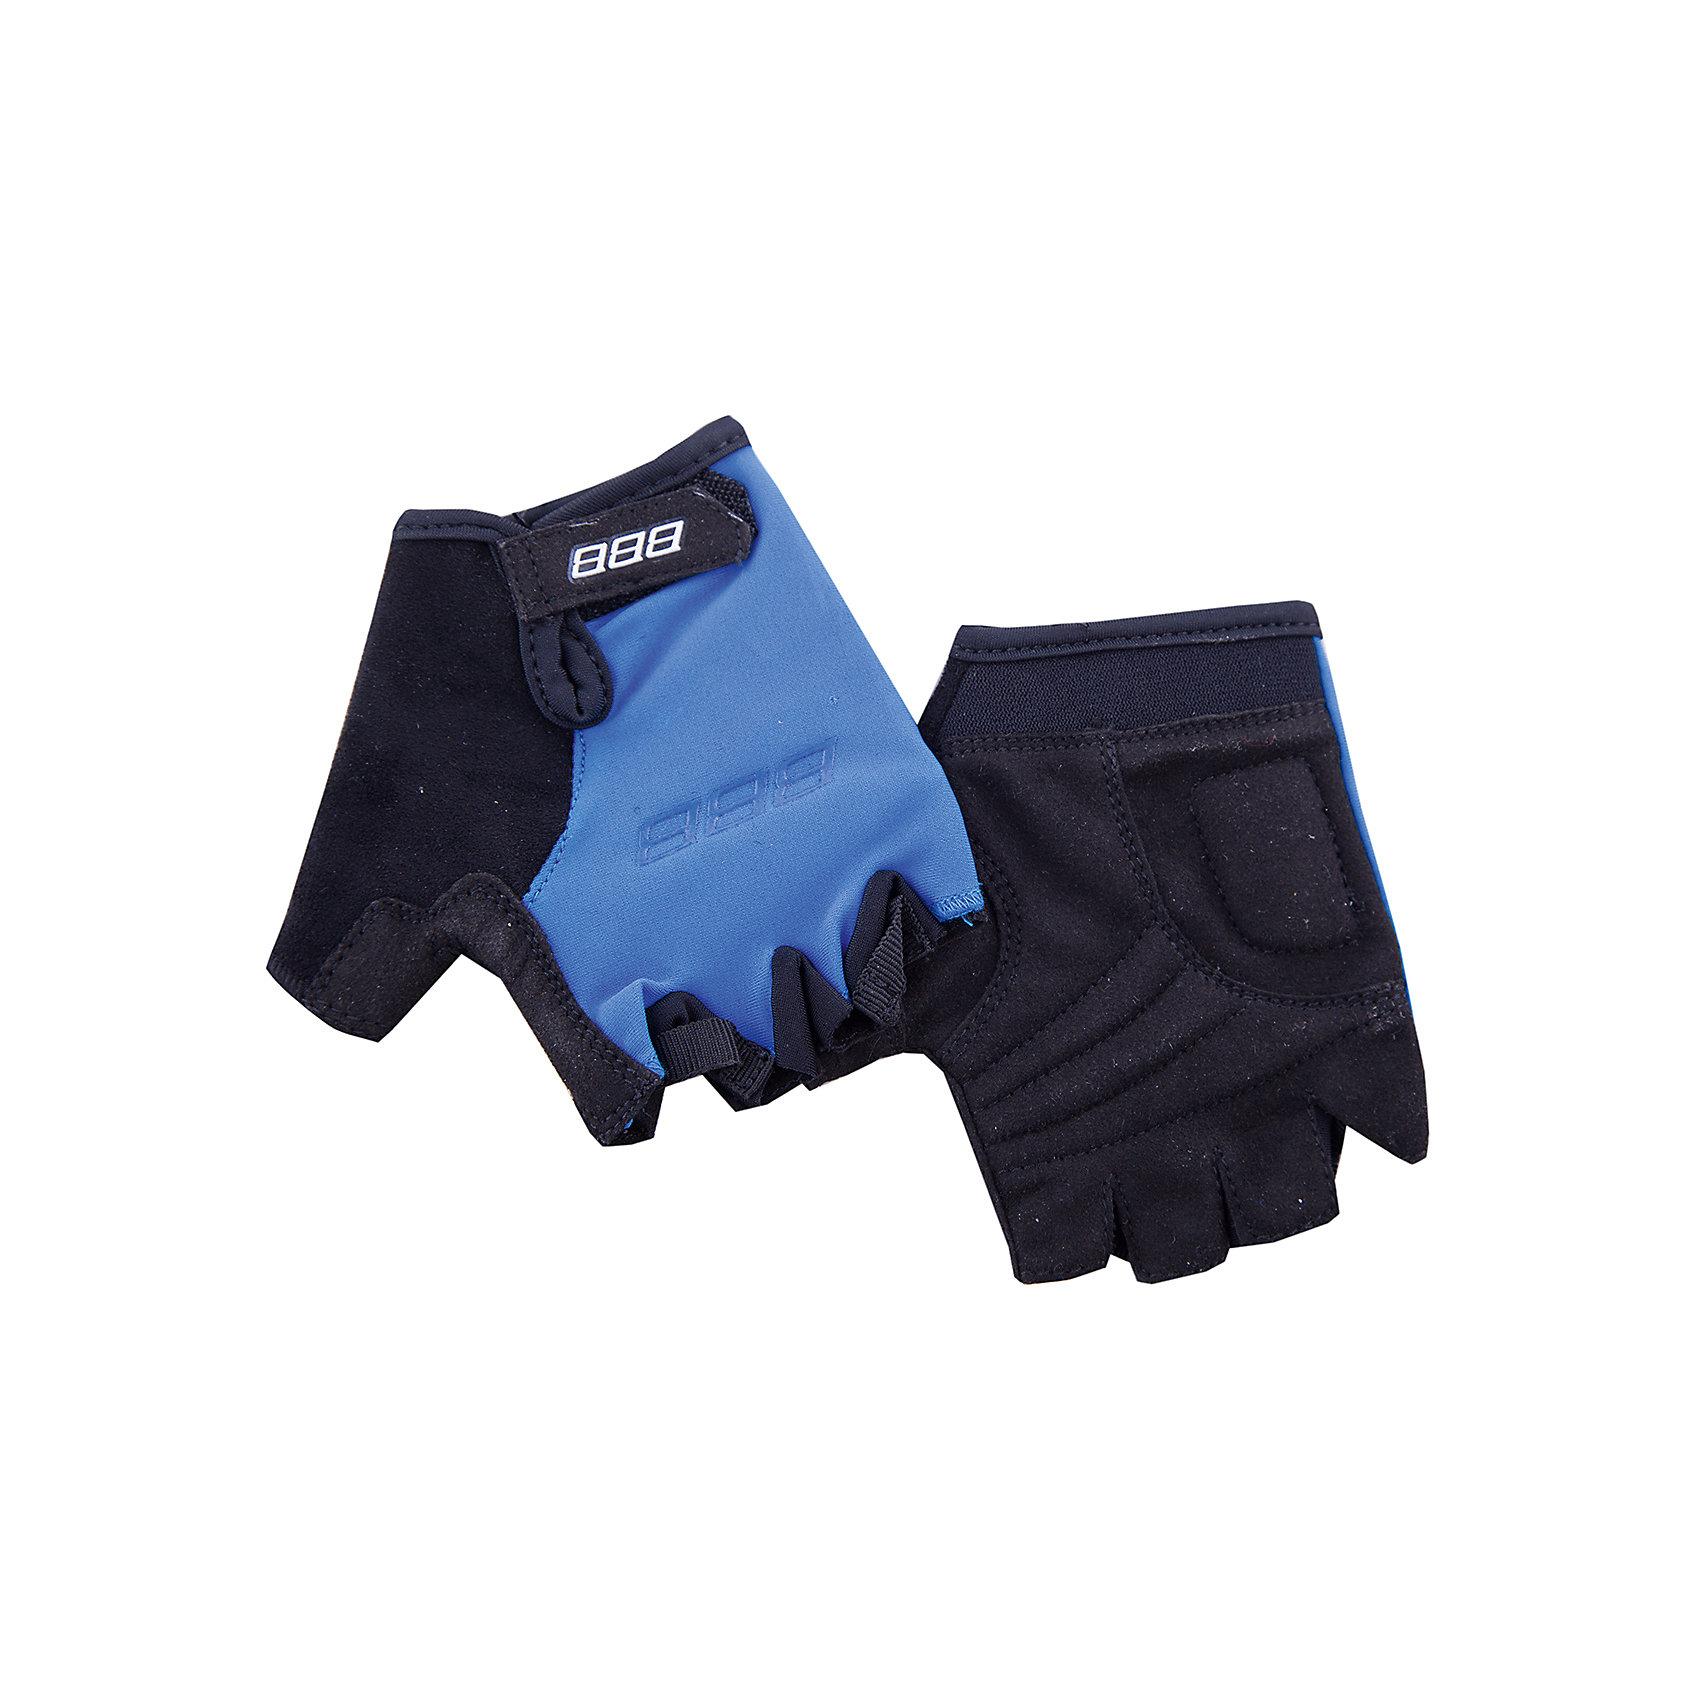 Перчатки велосипедные, BBBАксеcсуары для велосипедов<br>Характеристики товара:<br><br>• возраст от 3 лет;<br>• материал: лайкра, спандекс;<br>• размер упаковки 23х12х3 см;<br>• вес упаковки 90 гр.;<br>• страна производитель: Пакистан.<br><br>Перчатки велосипедные ВВВ голубые разработаны специально для детских рук. Во время езды на велосипеде они защищают руки от повреждения, а также препятствуют соскальзыванию ладоней с руля. Верхняя часть перчаток выполнена из дышащей лайкры. Ладони сделаны из износостойкого материала Amara с подкладкой из вспененного материала. 2 петли между пальцами облегчают снятие перчаток. Застежки системы Wristlock надежно фиксируют перчатки на руках во время движения.<br><br>Перчатки велосипедные ВВВ голубые можно приобрести в нашем интернет-магазине.<br><br>Ширина мм: 230<br>Глубина мм: 120<br>Высота мм: 30<br>Вес г: 90<br>Цвет: синий<br>Возраст от месяцев: 120<br>Возраст до месяцев: 144<br>Пол: Унисекс<br>Возраст: Детский<br>Размер: 6,3,4,5<br>SKU: 5565991